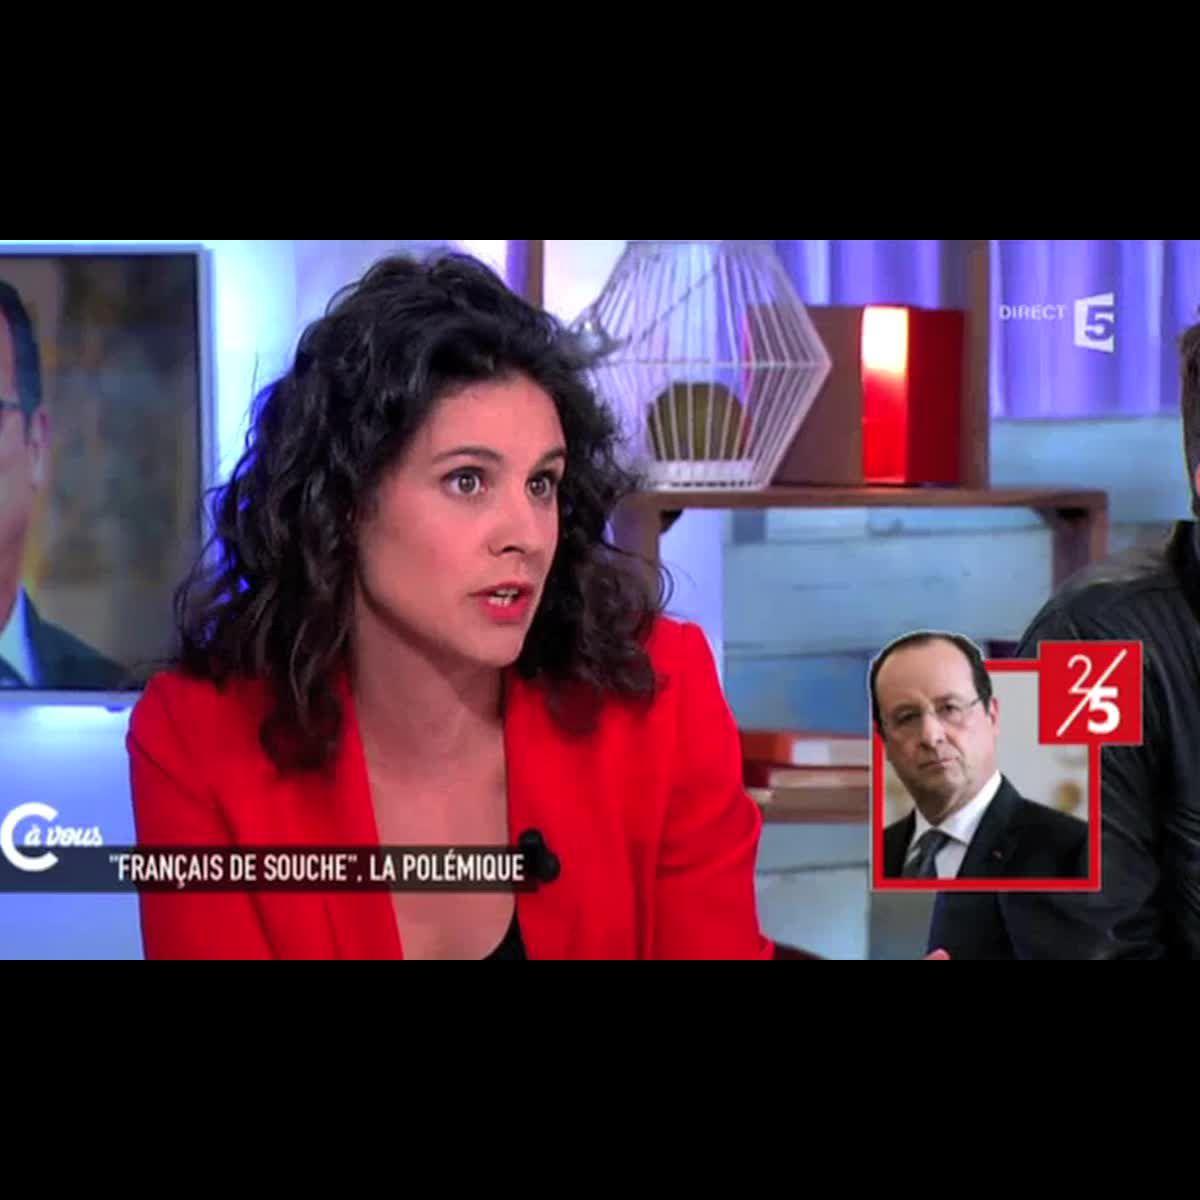 Patrick cohen et apolline de malherbe dans c vous sur france 5 vid o puremedias - France 5 ca vous ...